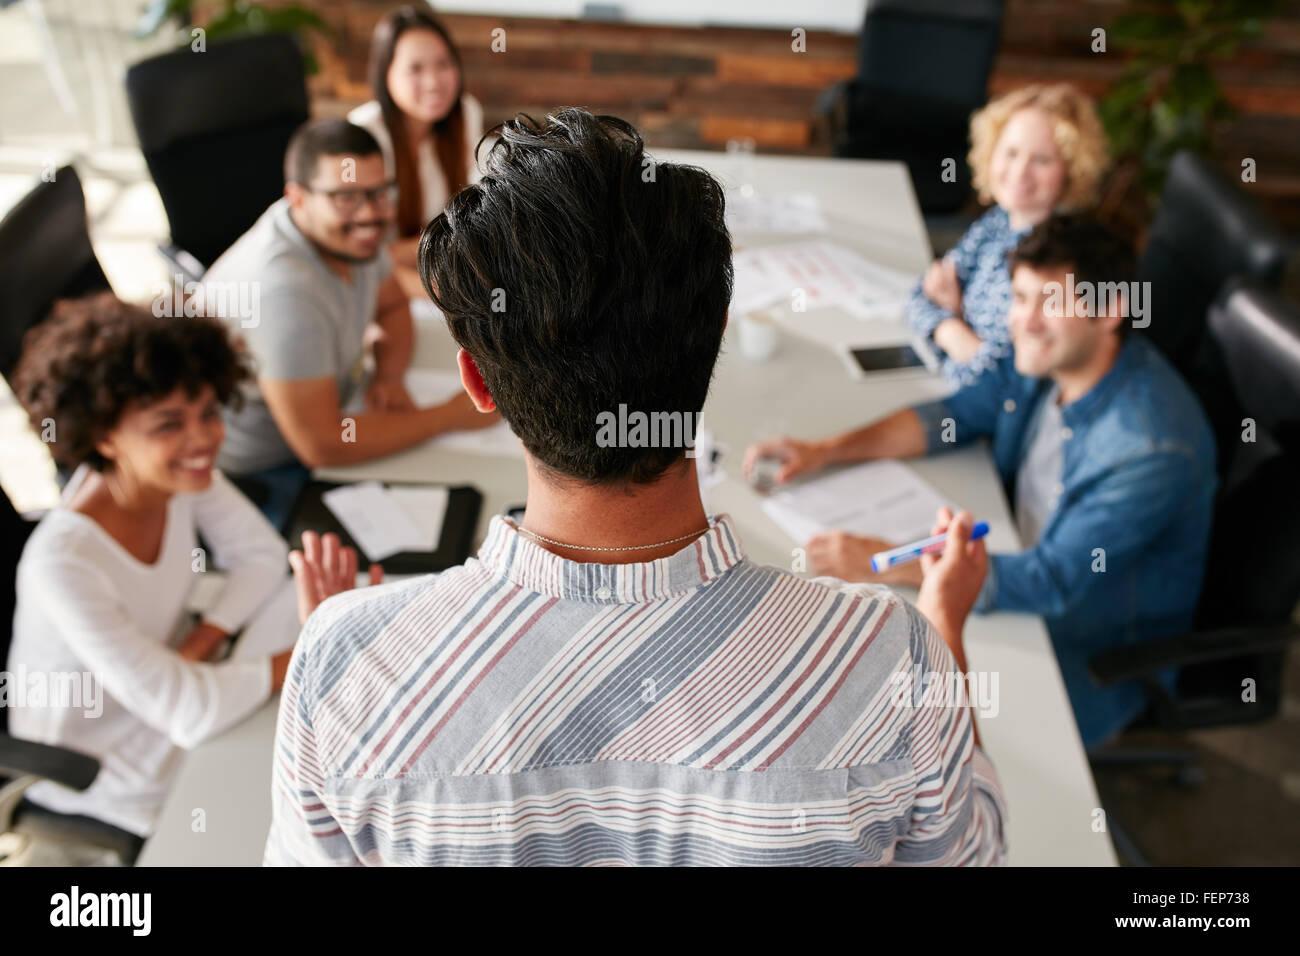 Hintere Ansicht Porträt Mannes Geschäftsideen, Kollegen zu erklären, während einer Besprechung Stockbild